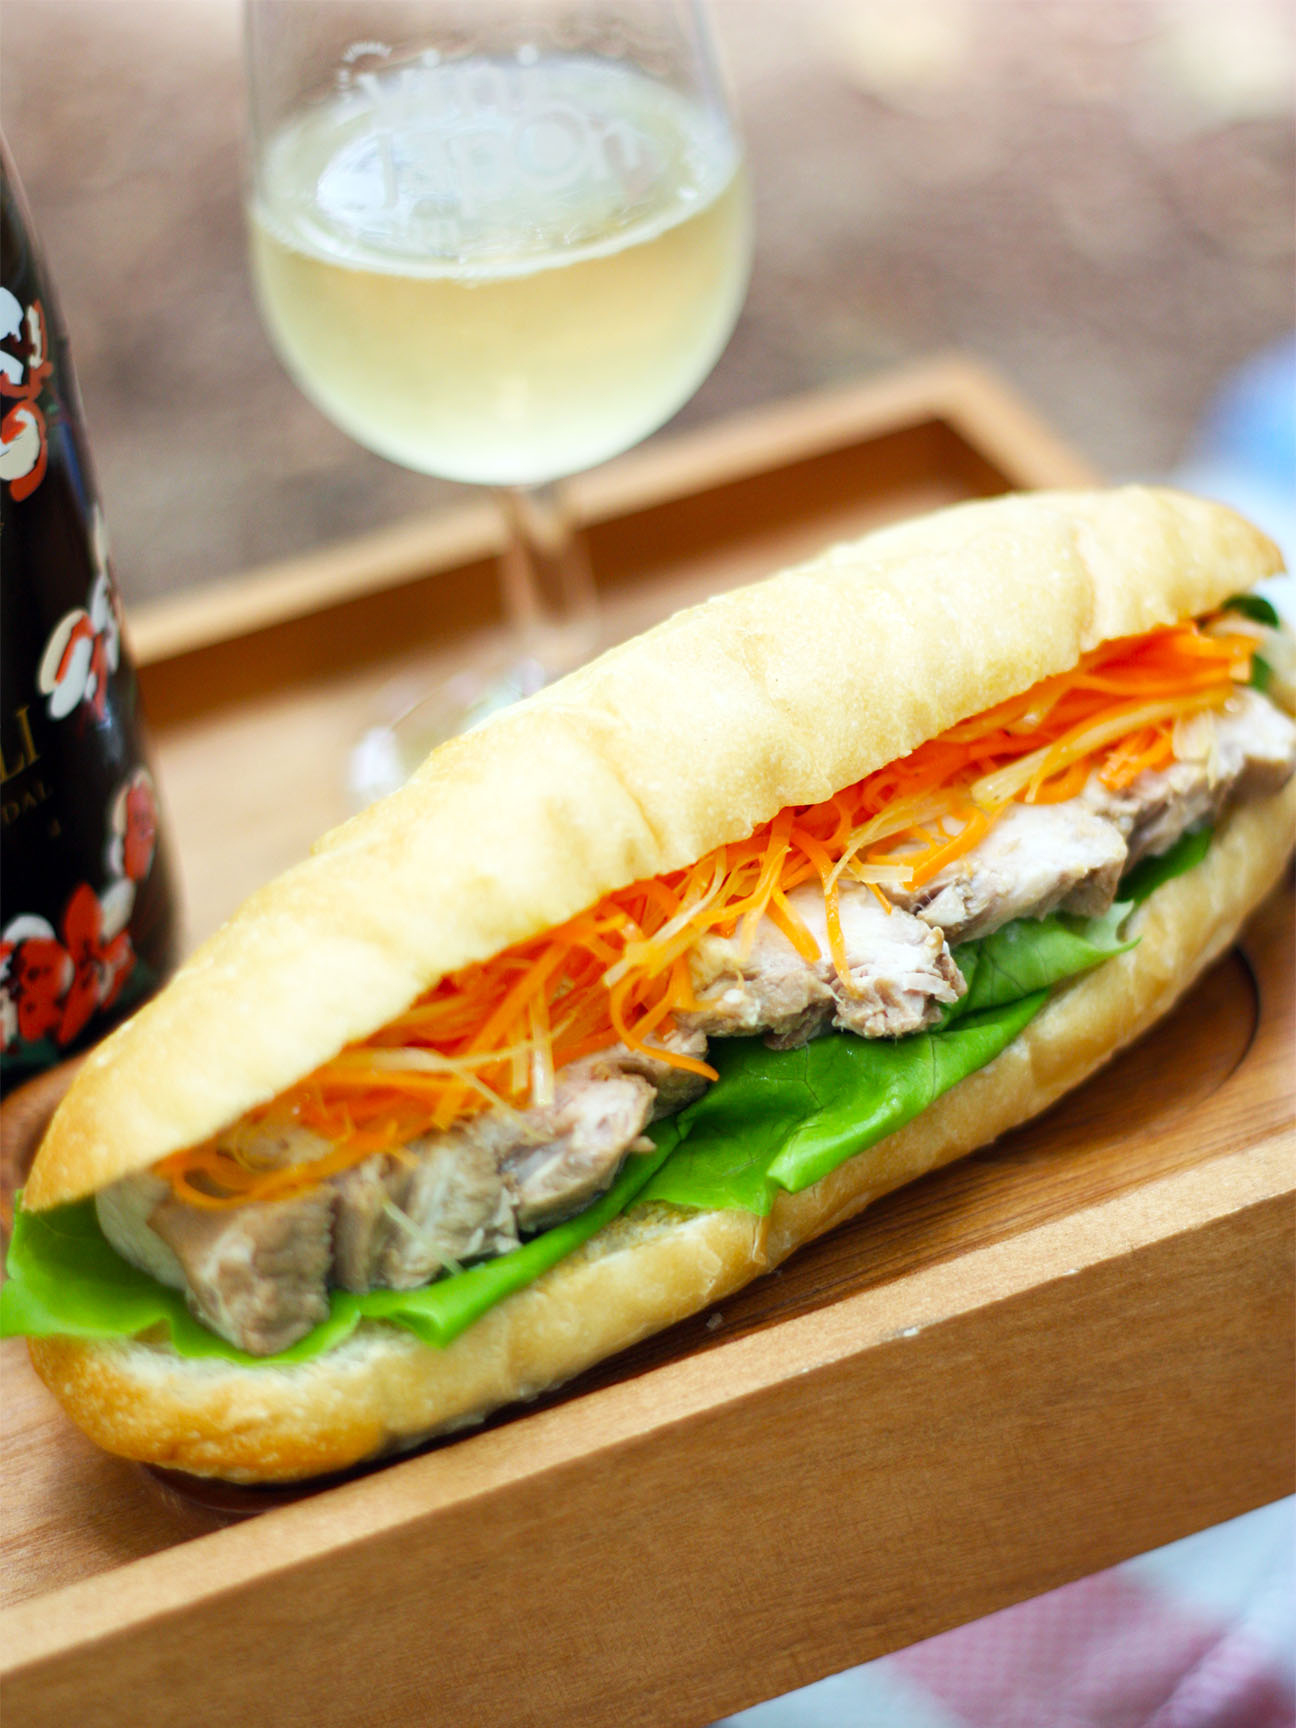 ベトナム風サンドイッチ、バインミー